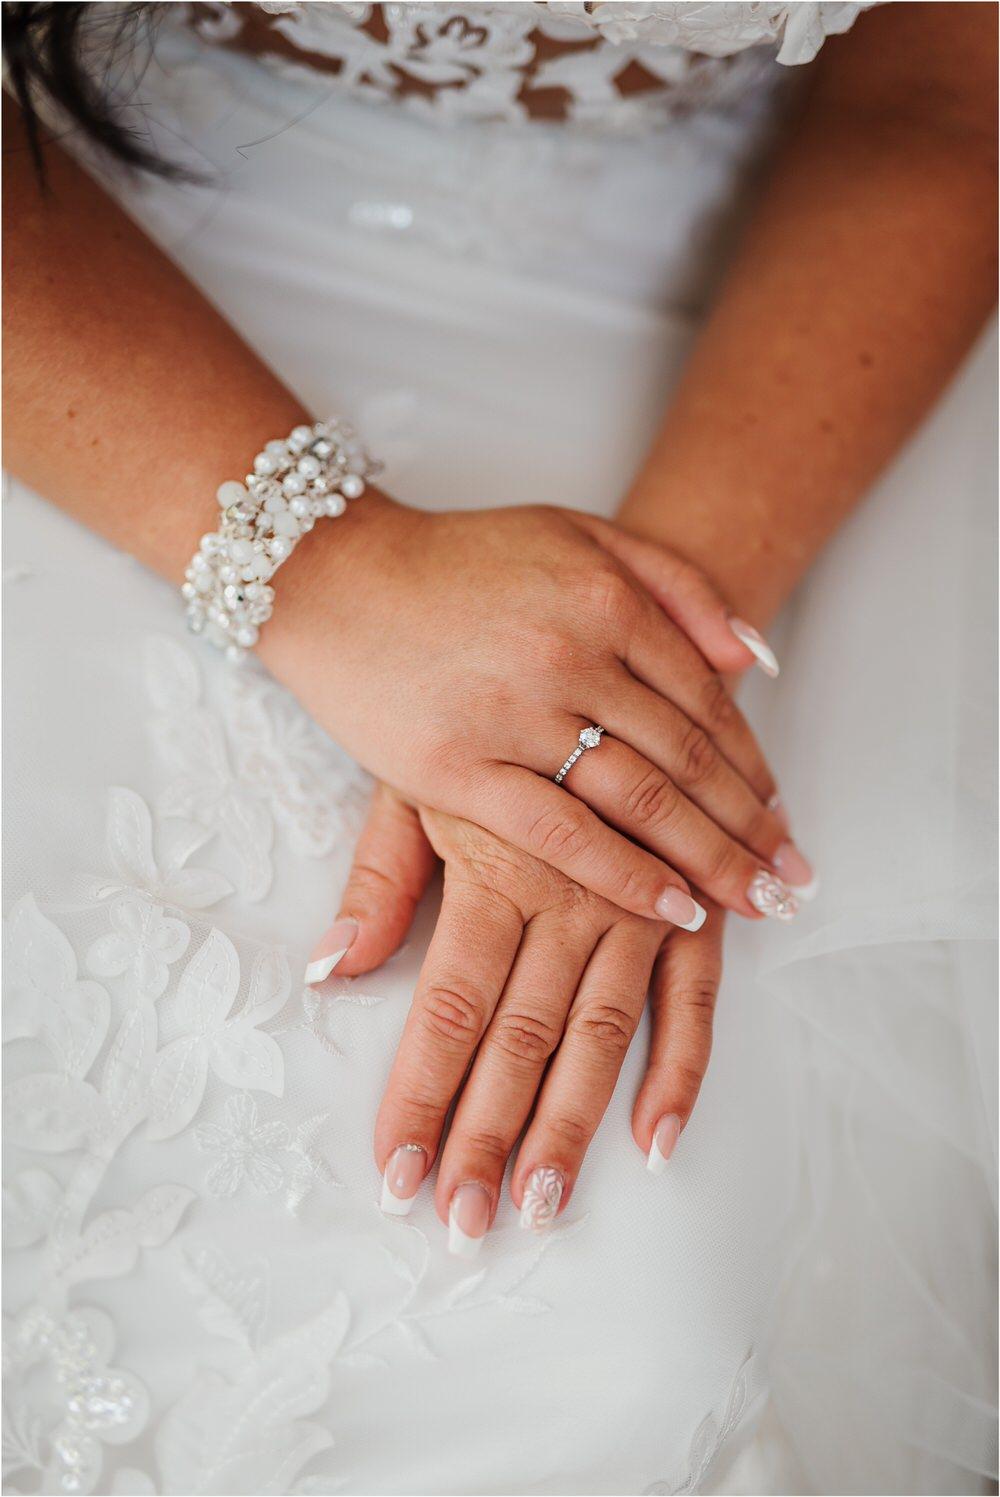 skedenj poroka porocni fotograf fotografiranje elegantna poroka rustikalna poroka pod kozolcem pcakes velesovo mdetail nika grega 0023.jpg